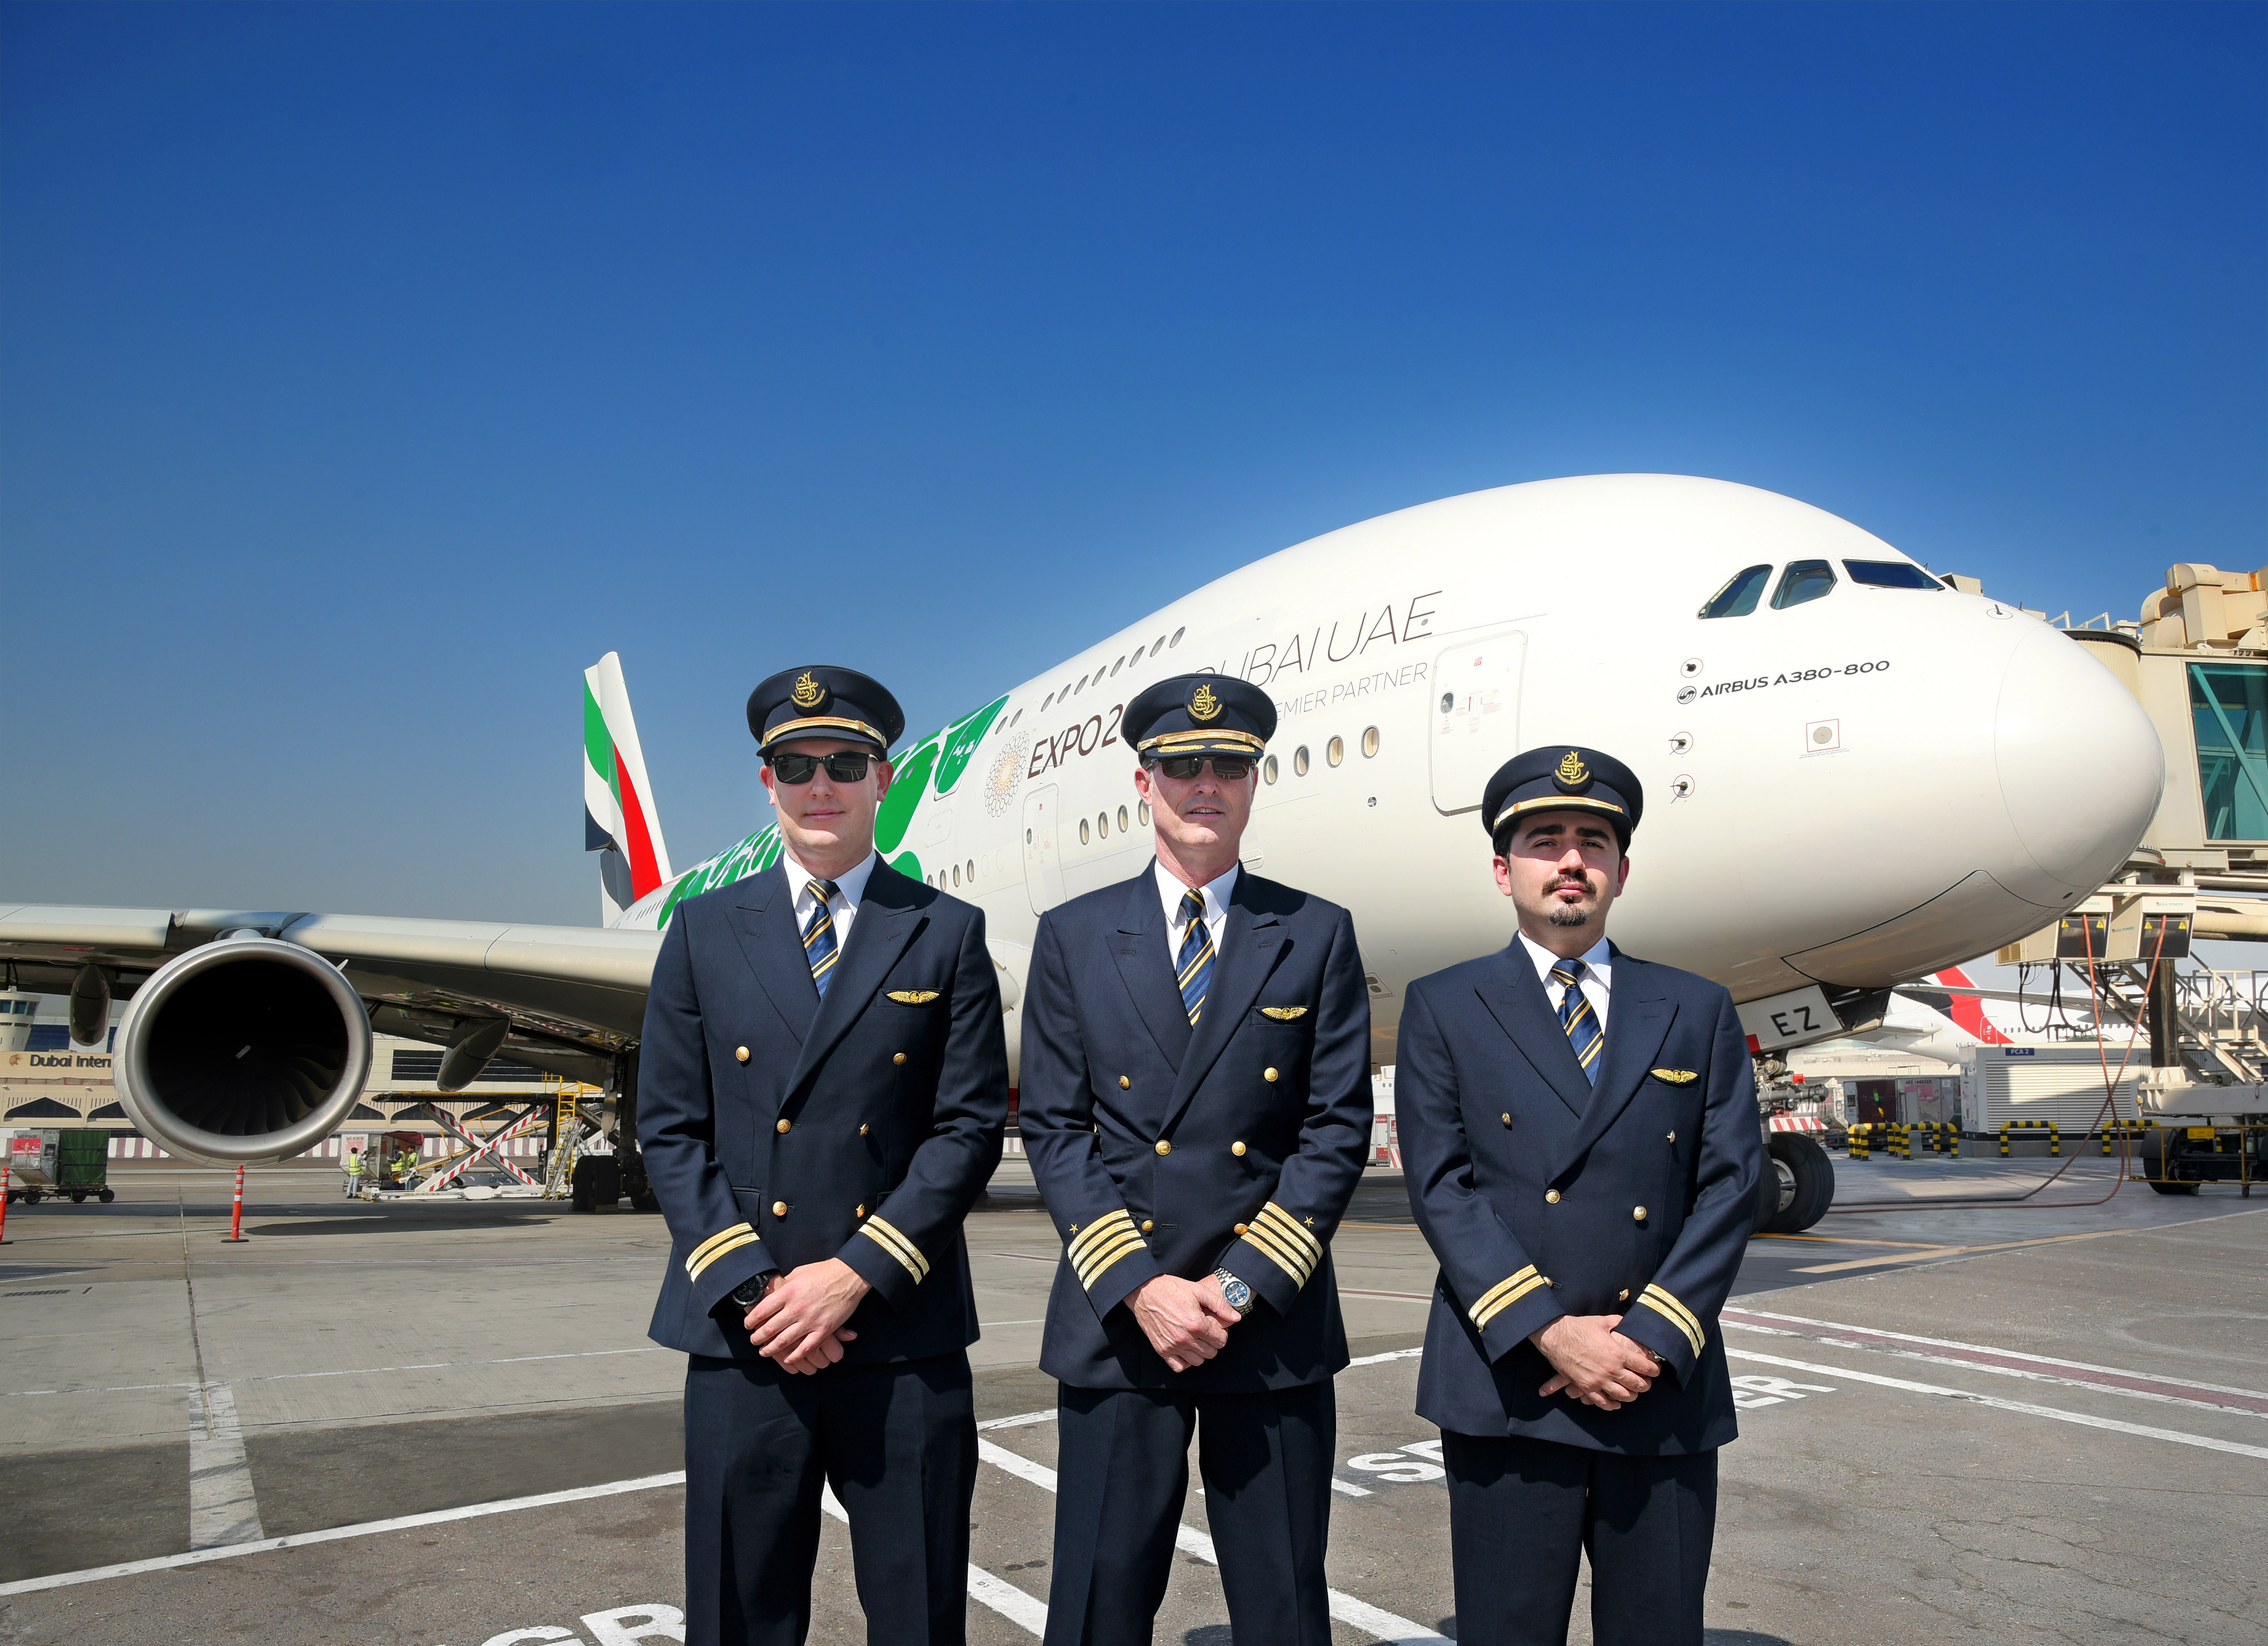 Emirates har lanceret verdens korteste rute med en Airbus A380. Foto: Emirates